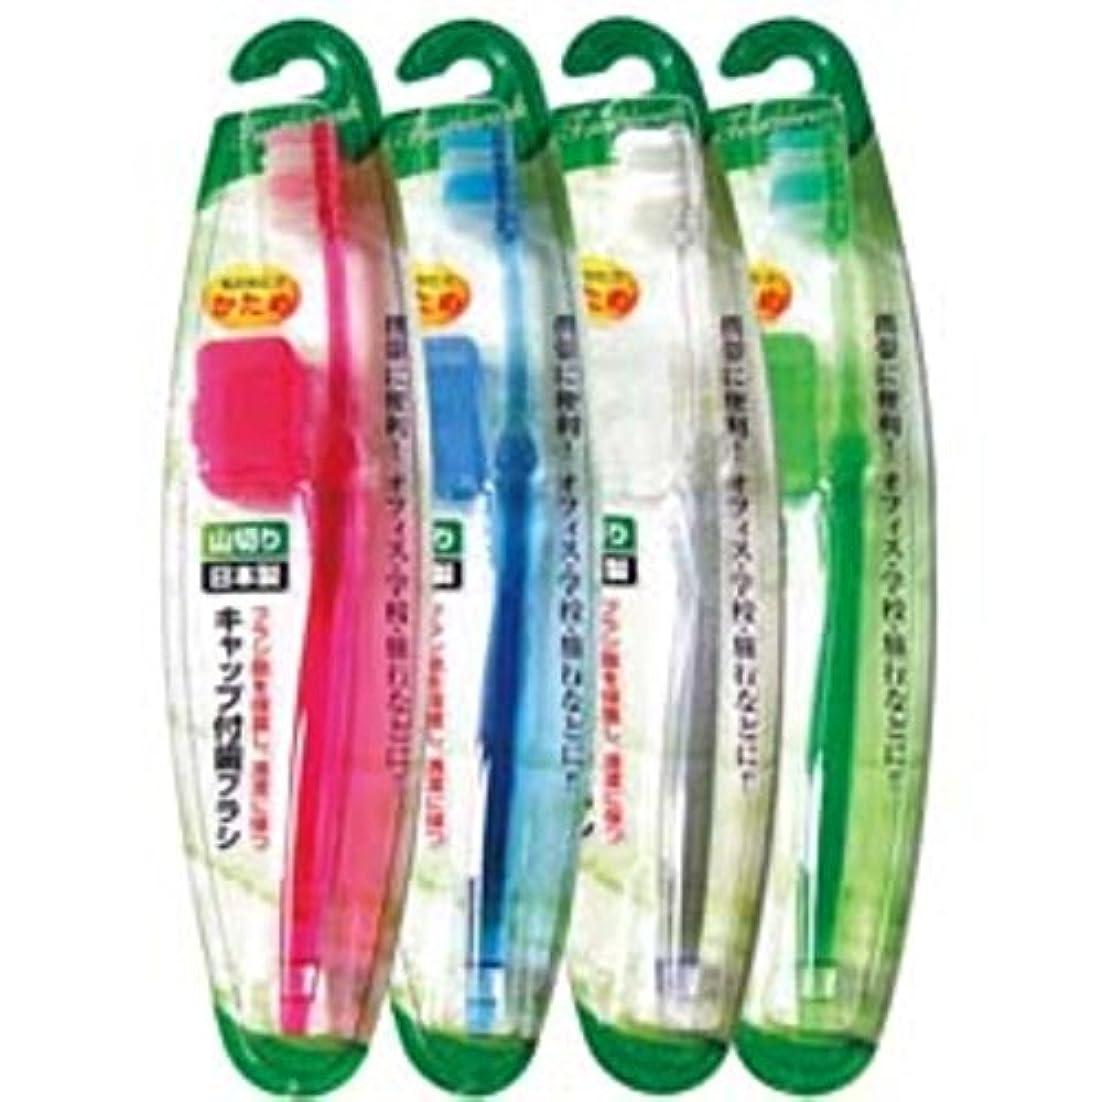 同一のヘルメットつまずくキャップ付歯ブラシ山切りカット(かため)日本製 japan 【まとめ買い12個セット】 41-210